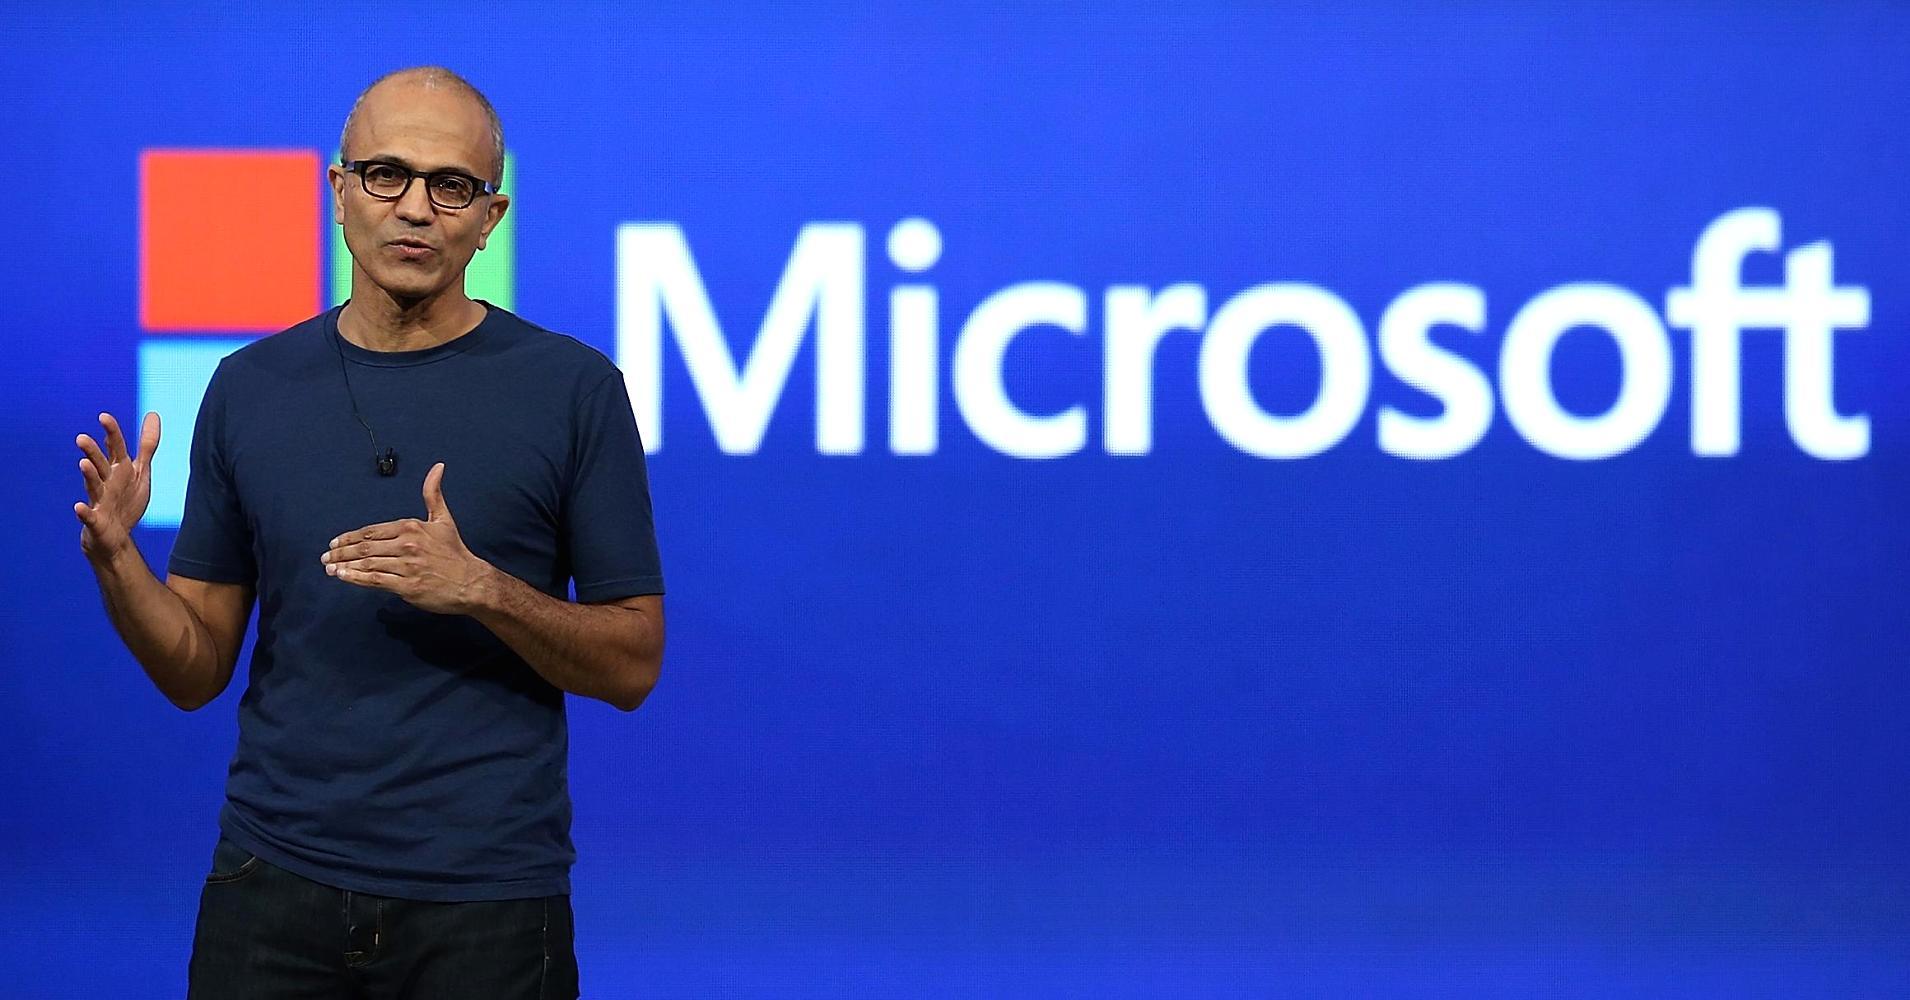 La CEO de Microsoft Satya Nadella revelo que el sistema operativo solo tiene mil millones de usuarios en la actualidad